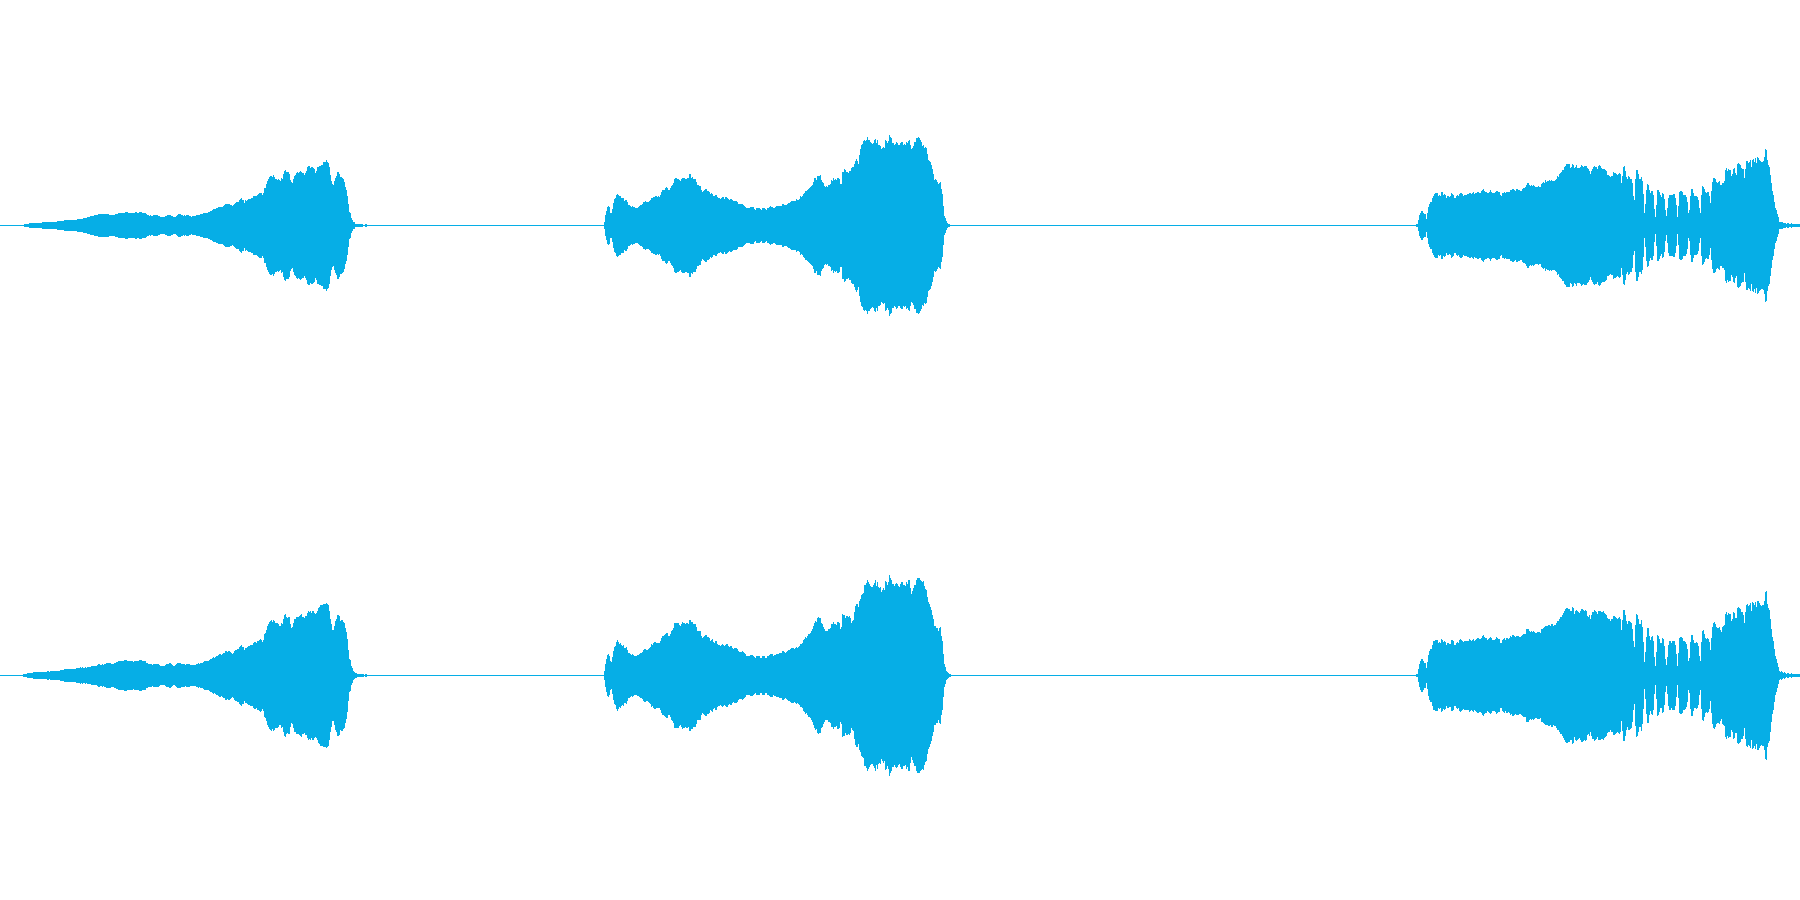 クレステッドラーク:3つの呼び出し...の再生済みの波形